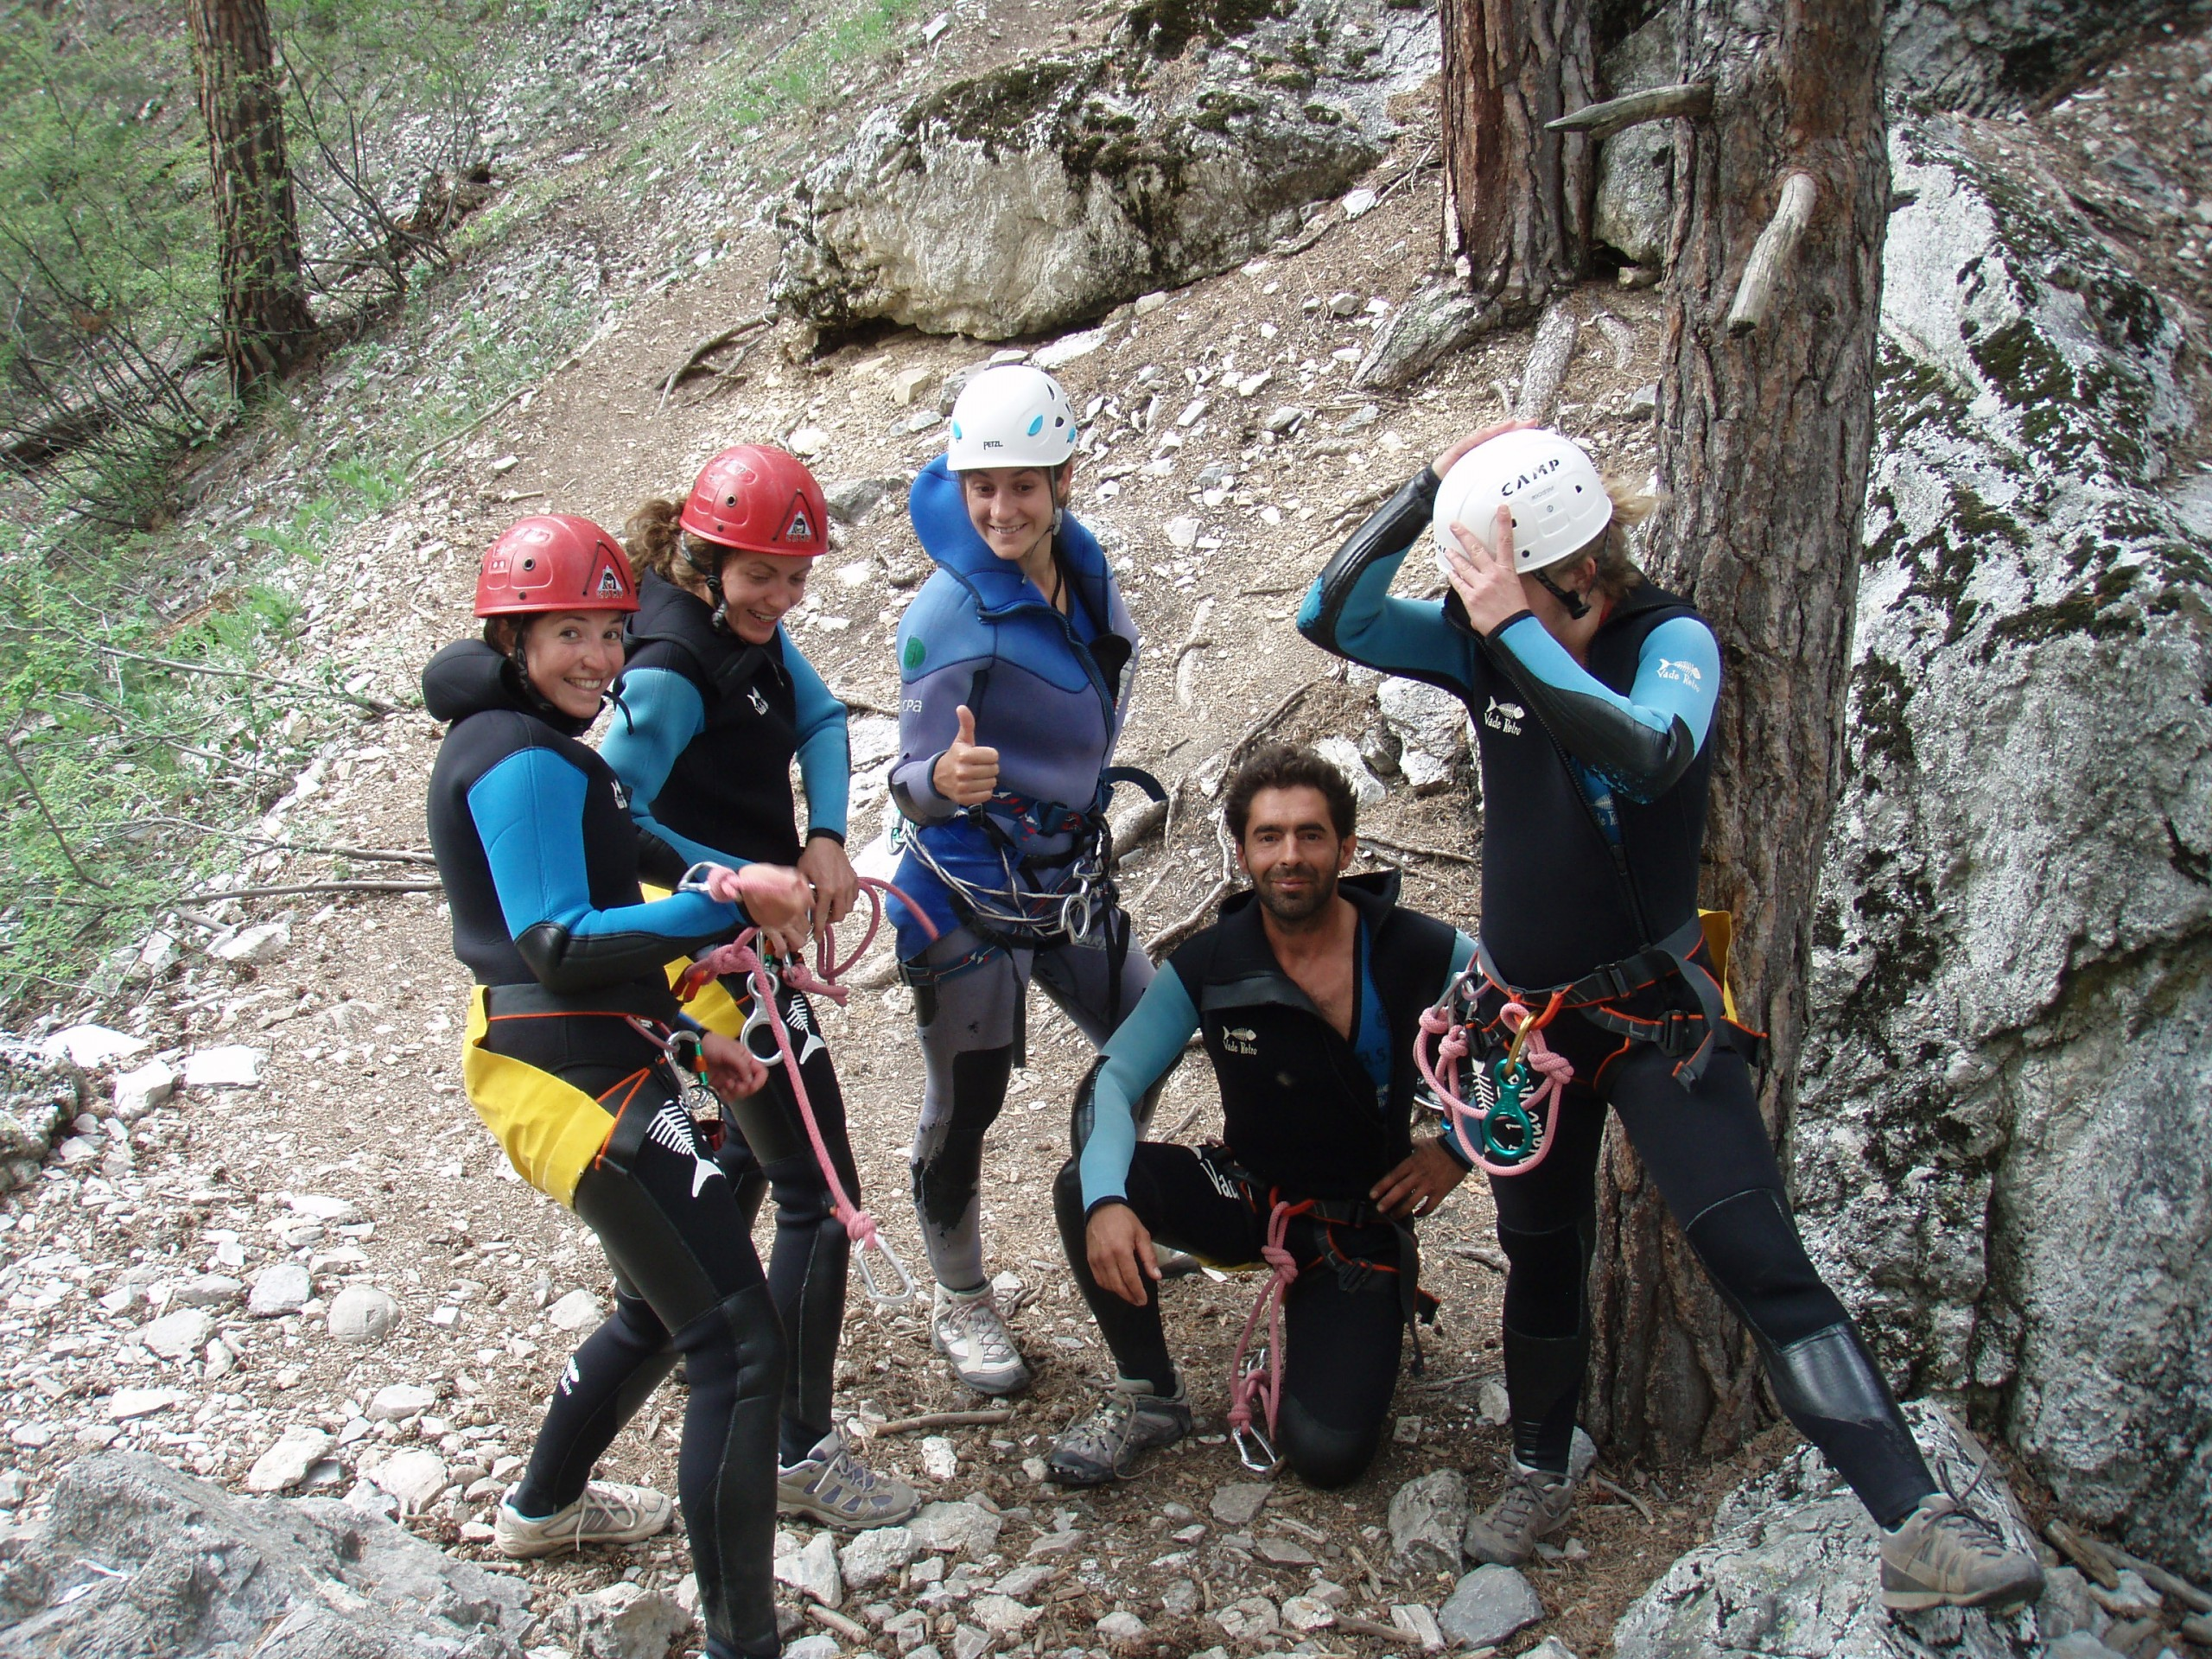 Entre amis avant d'attaquer les rappels du canyon des Acles autour de Briançon